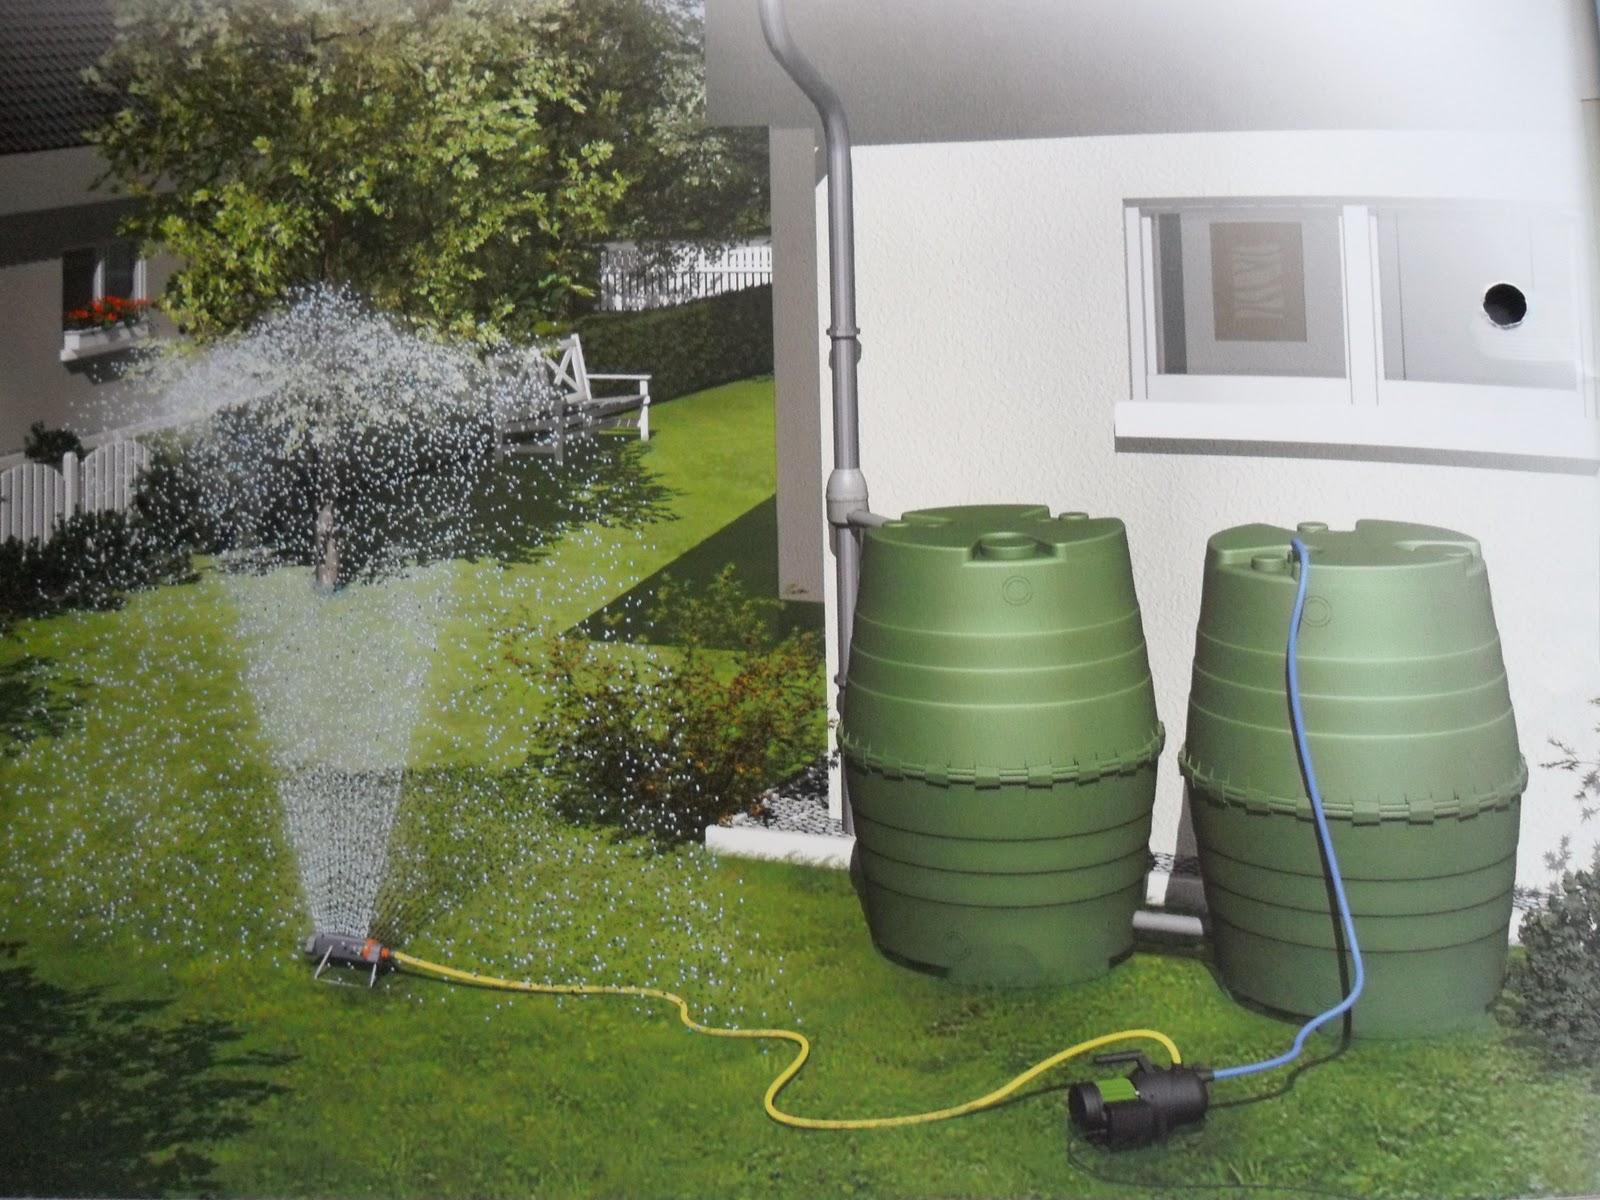 Consejos para t jard n cuidemos el medio ambiente ii - Recoger agua de lluvia ...